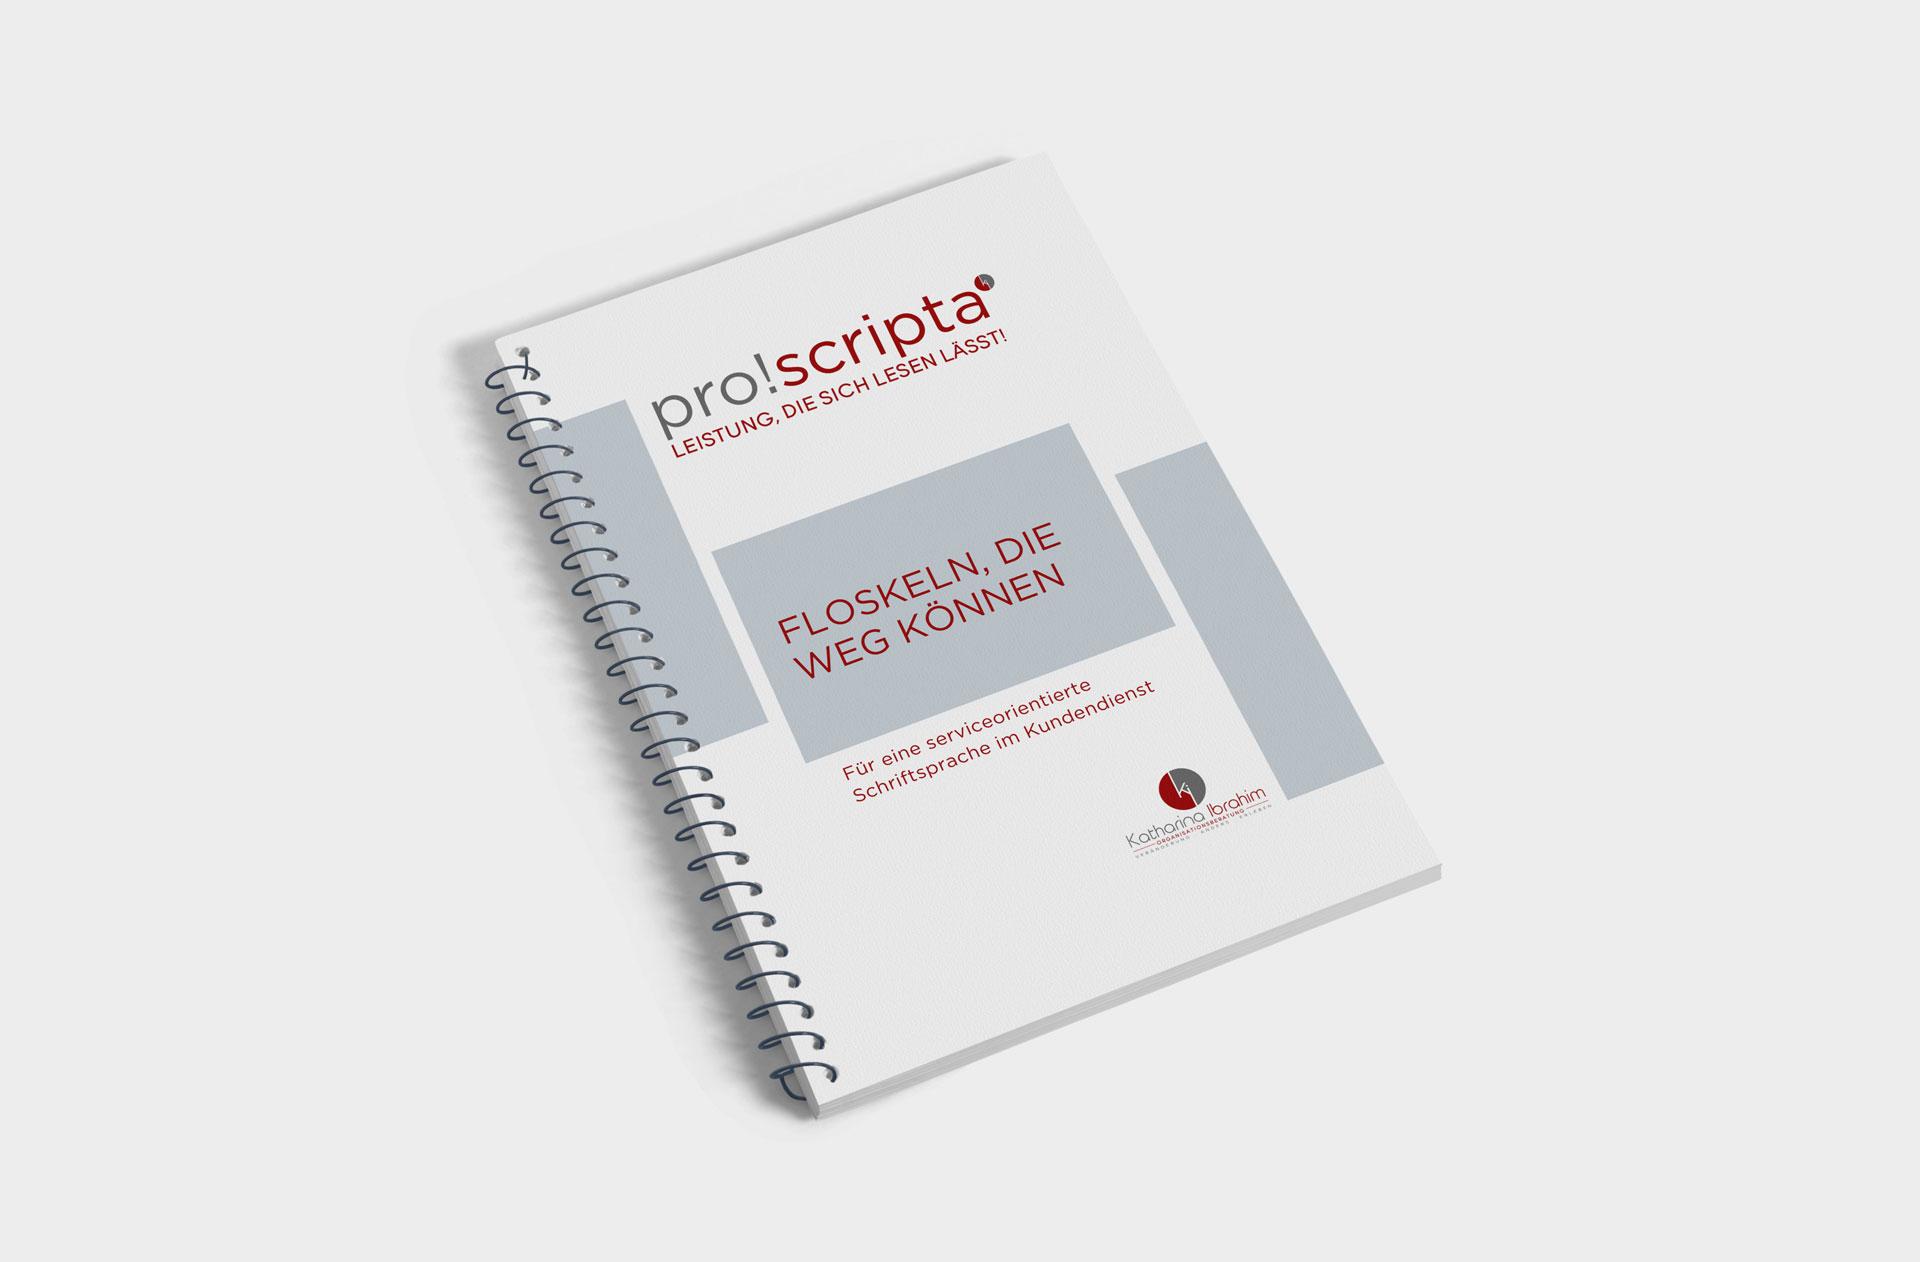 gratis Rechtschreibregeln pdf: Floskeln